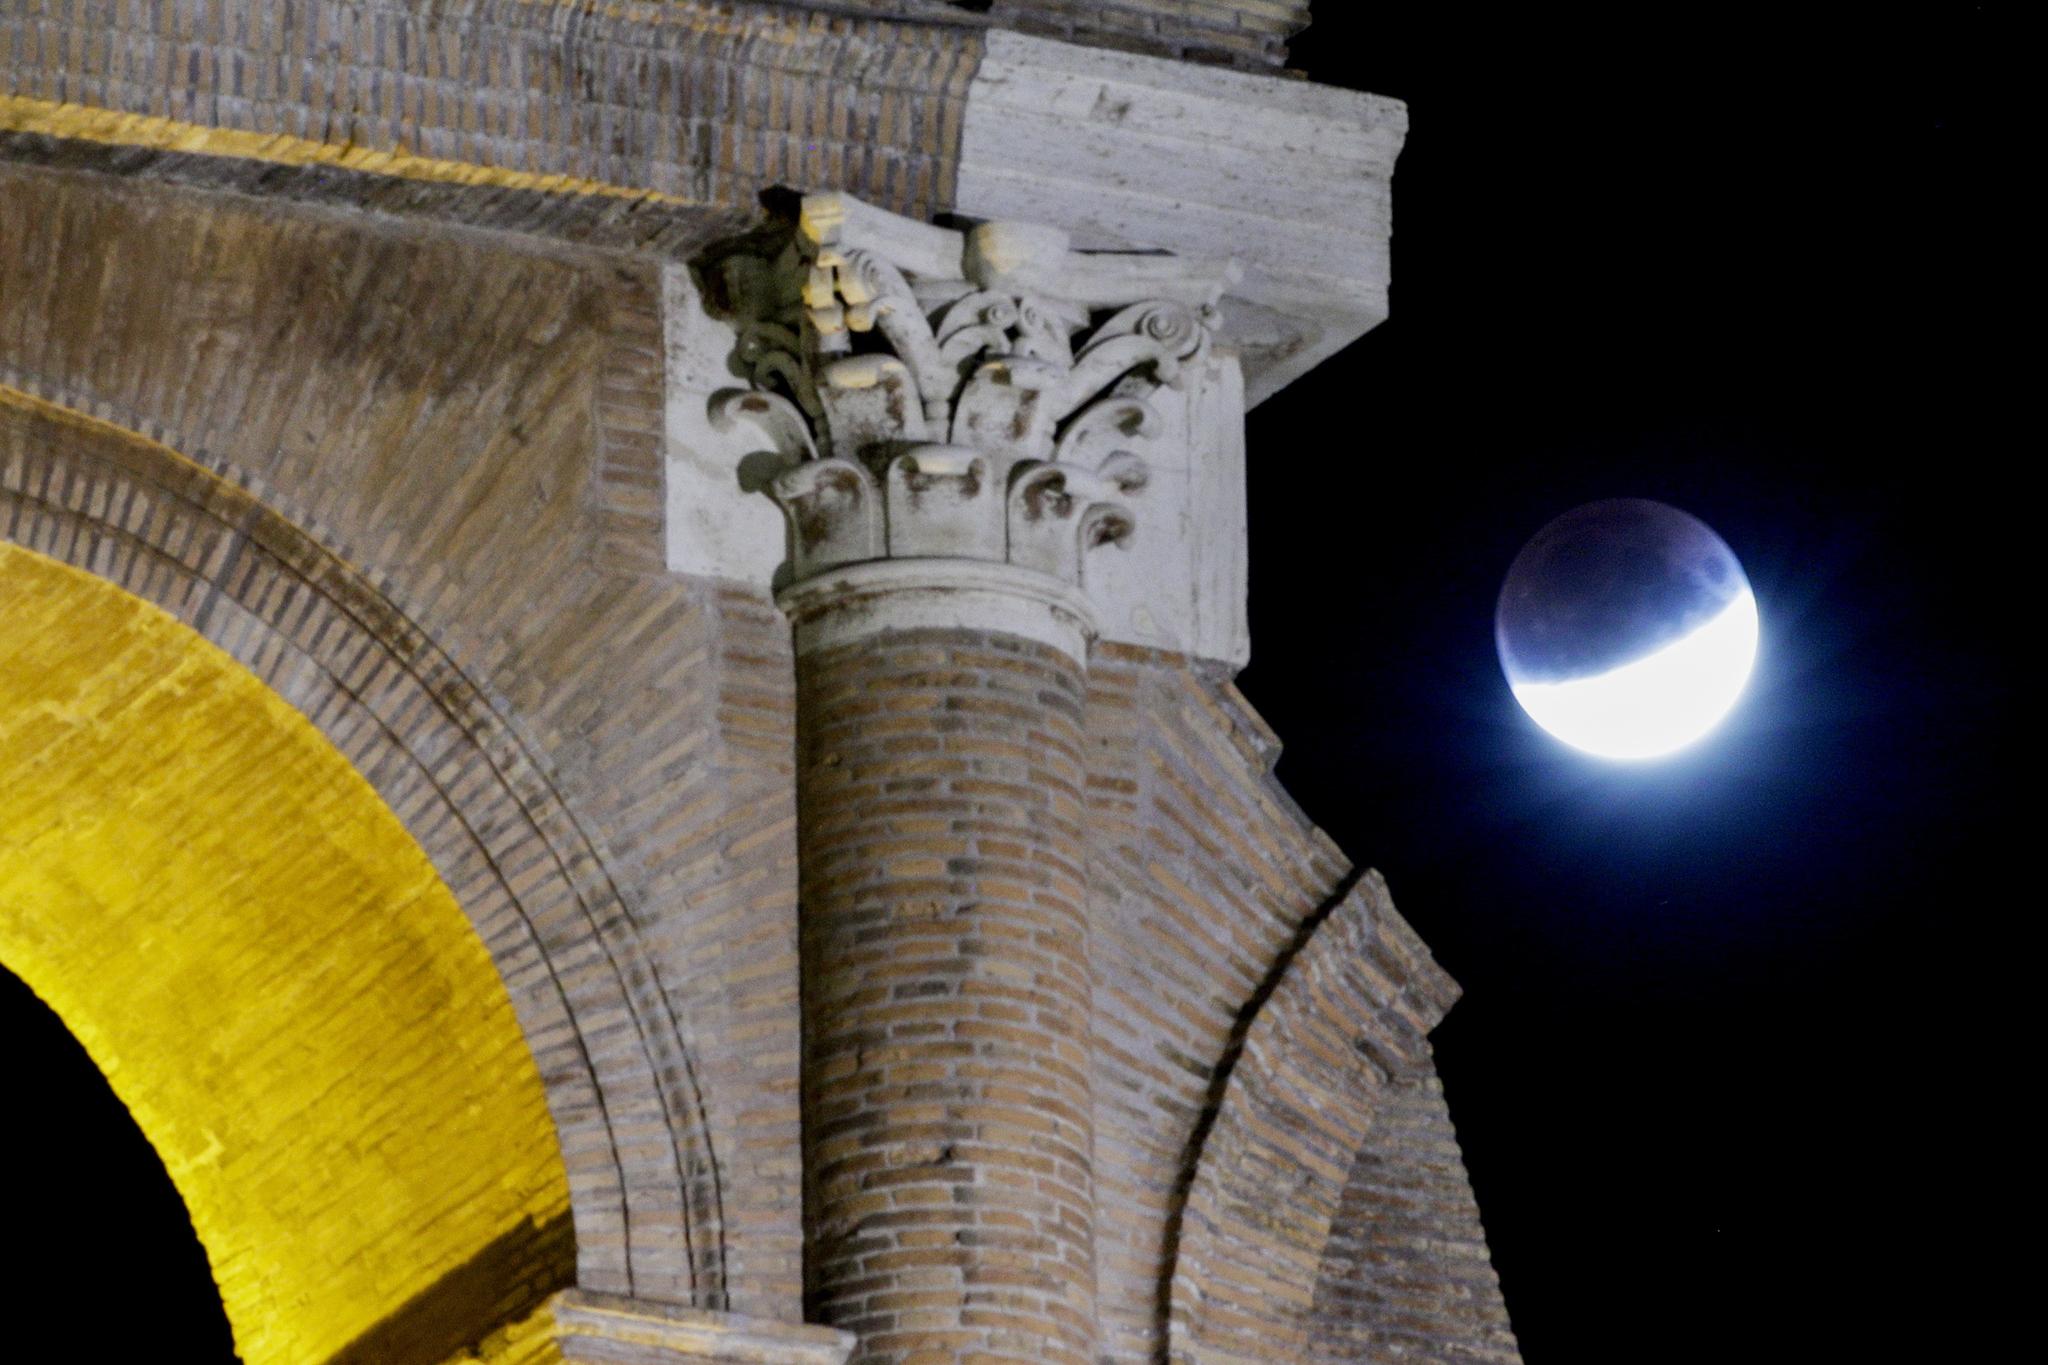 [서소문사진관] 콜로세움, 랜드마크, 영웅 동상 위에서 벌어지는 우주쇼